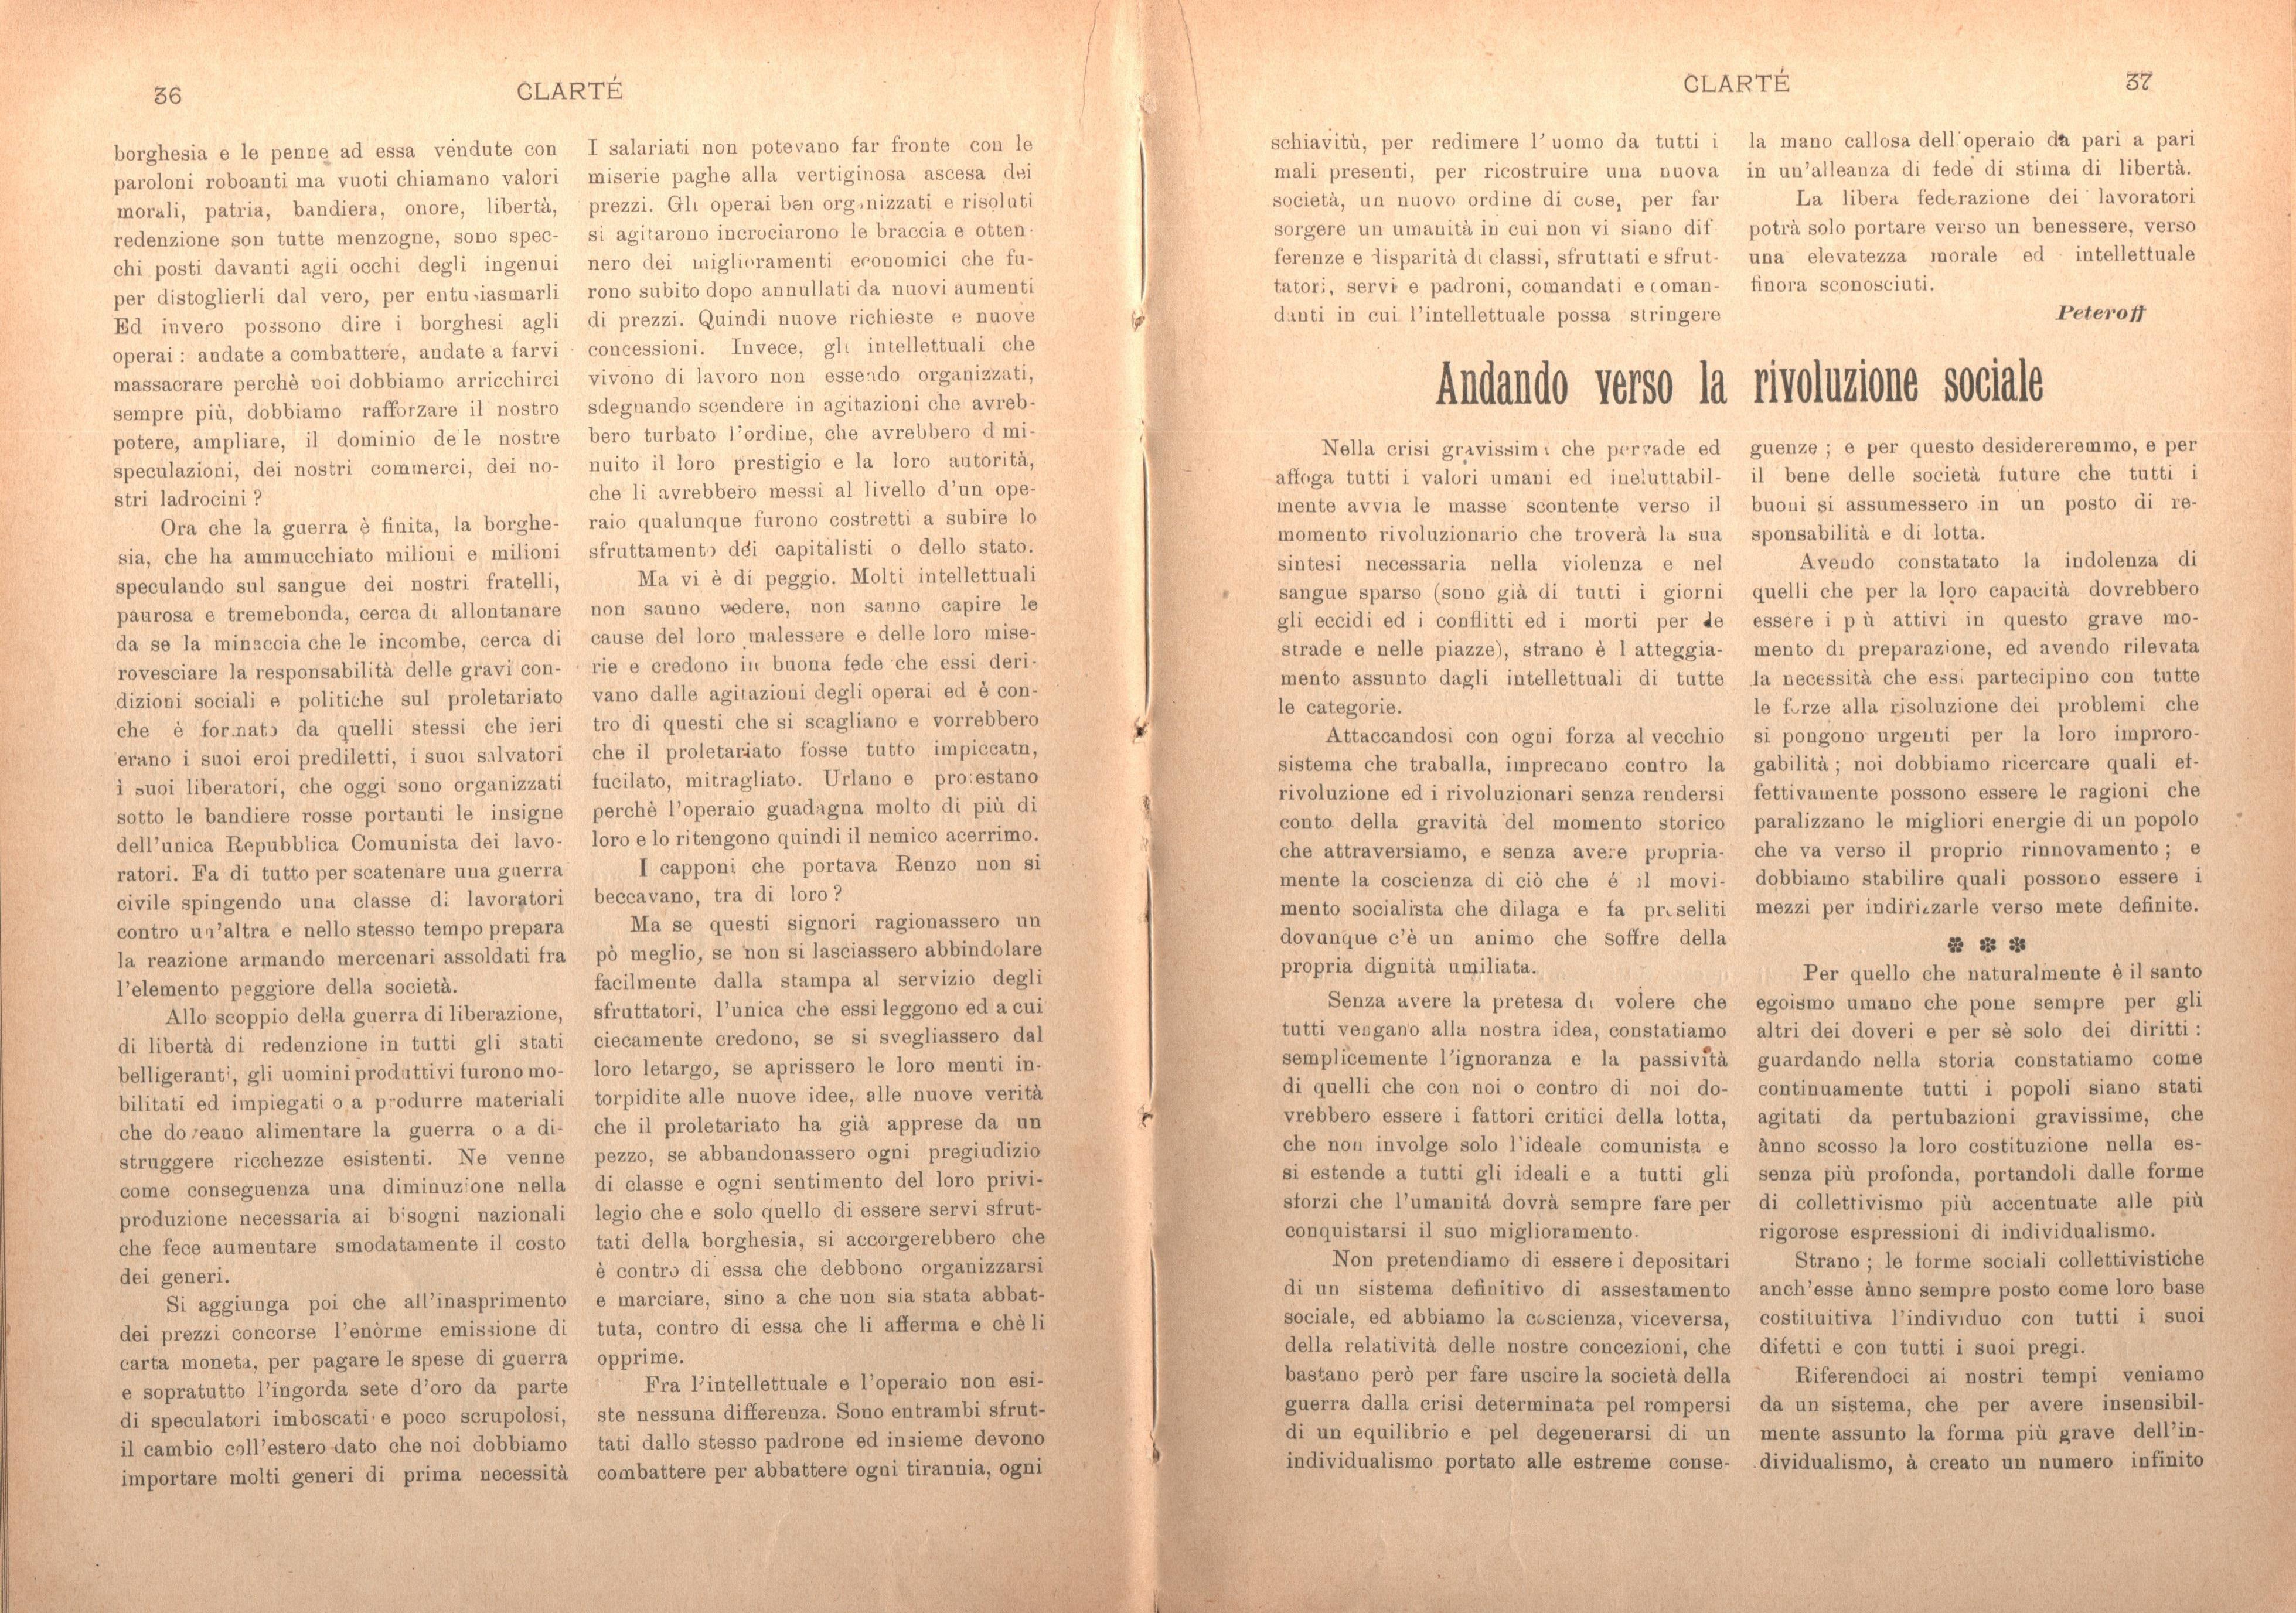 Clarté. Rivista mensile degli studenti comunisti (a. I, n. 2, Palermo, 15 giugno 1920) - pag. 8